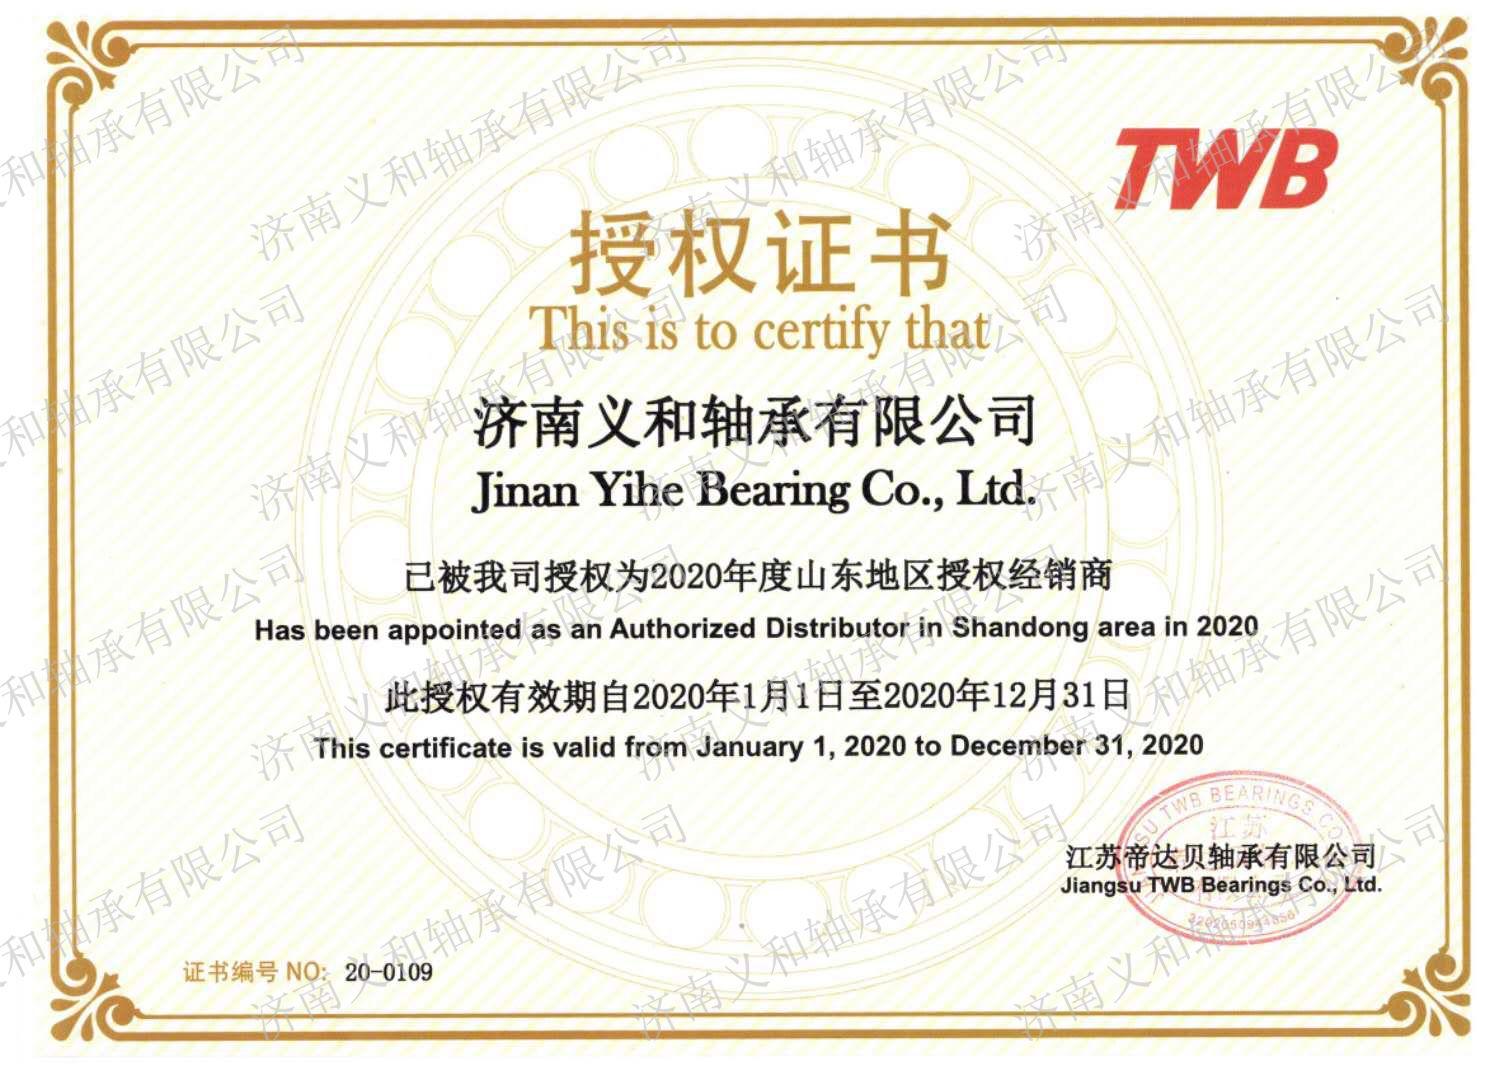 济南义和2020年TIMKEN、TWB授权证书(图)